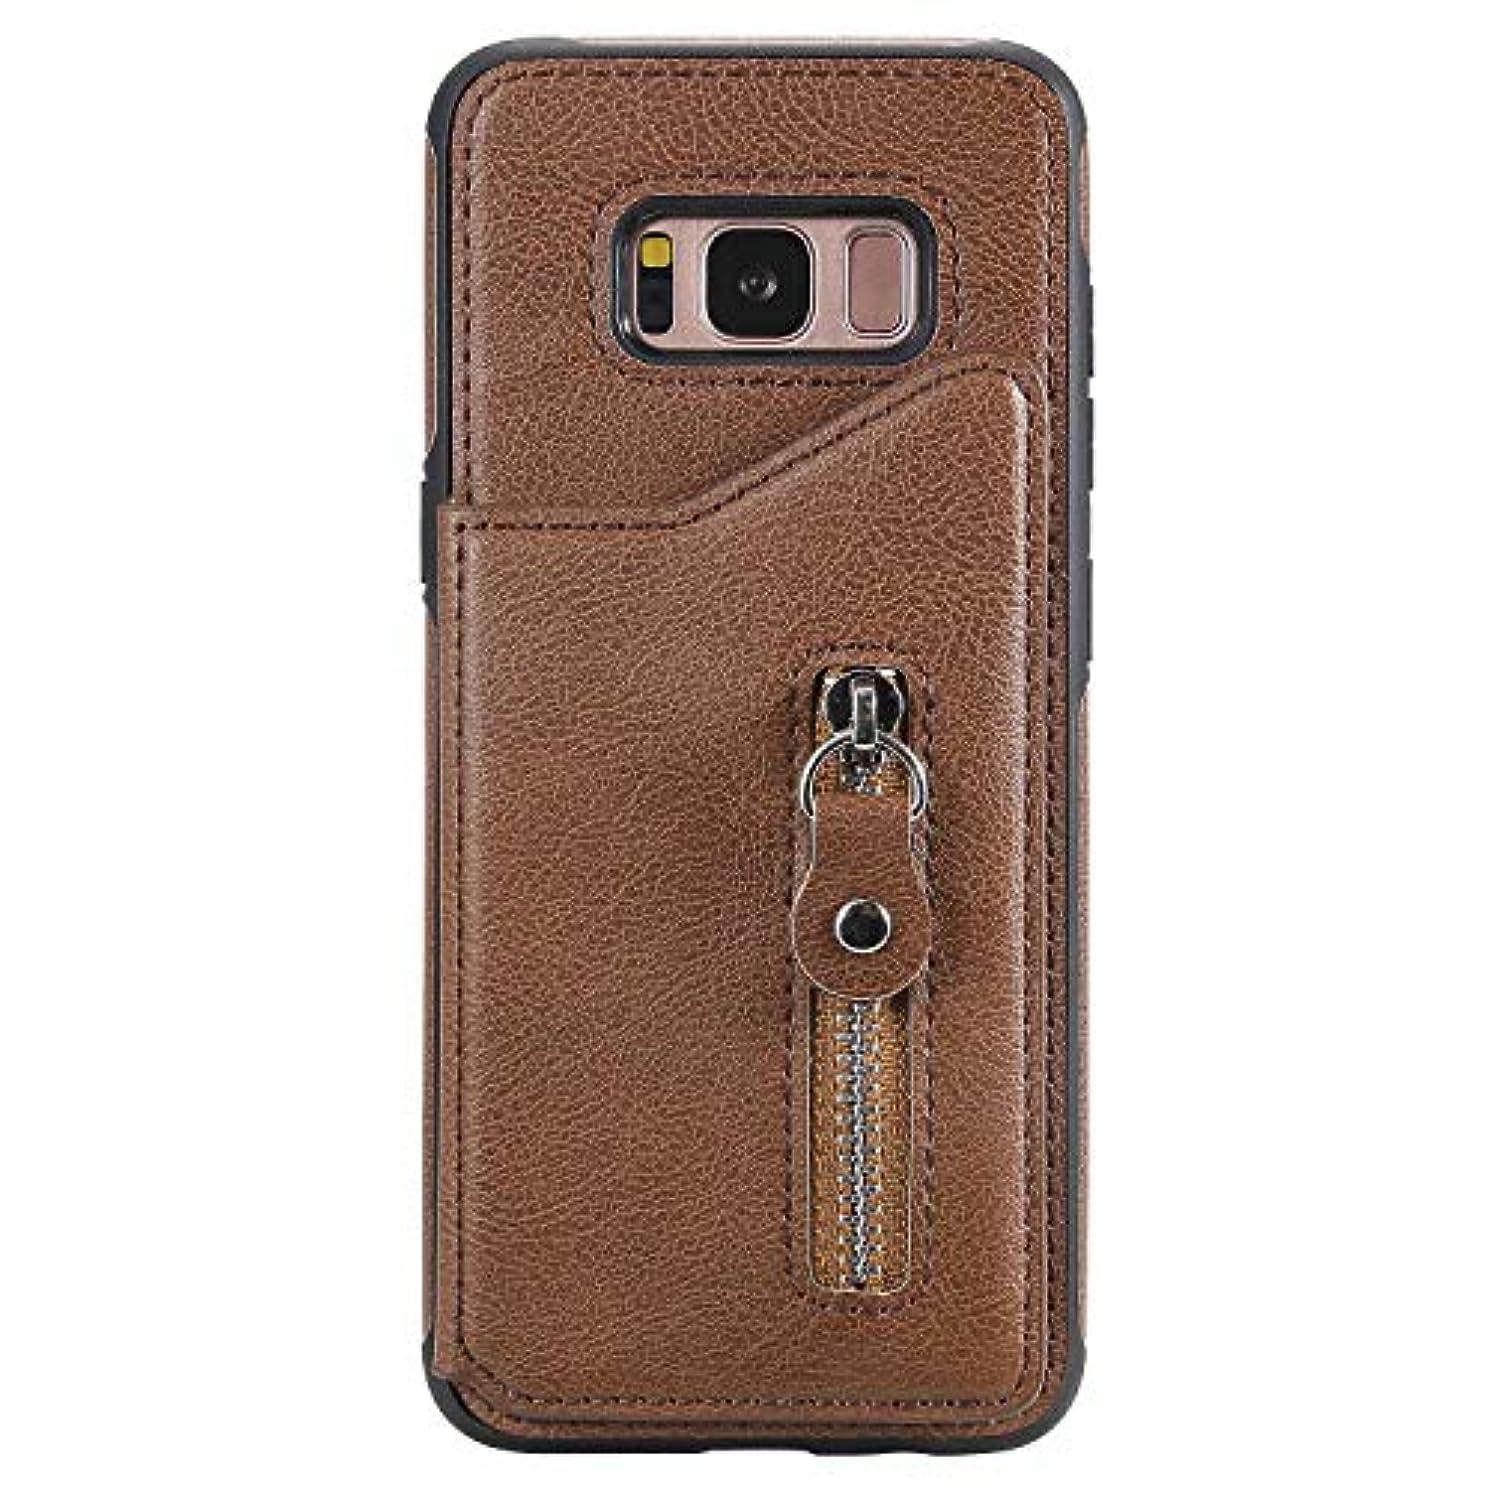 銛無駄に勤勉なOMATENTI Galaxy S8 ケース, PUレザー 薄型 簡約風 人気 新品 バックケース Galaxy S8 用 Case Cover, 財布とコインポケット付き, 液晶保護 カード収納, 褐色